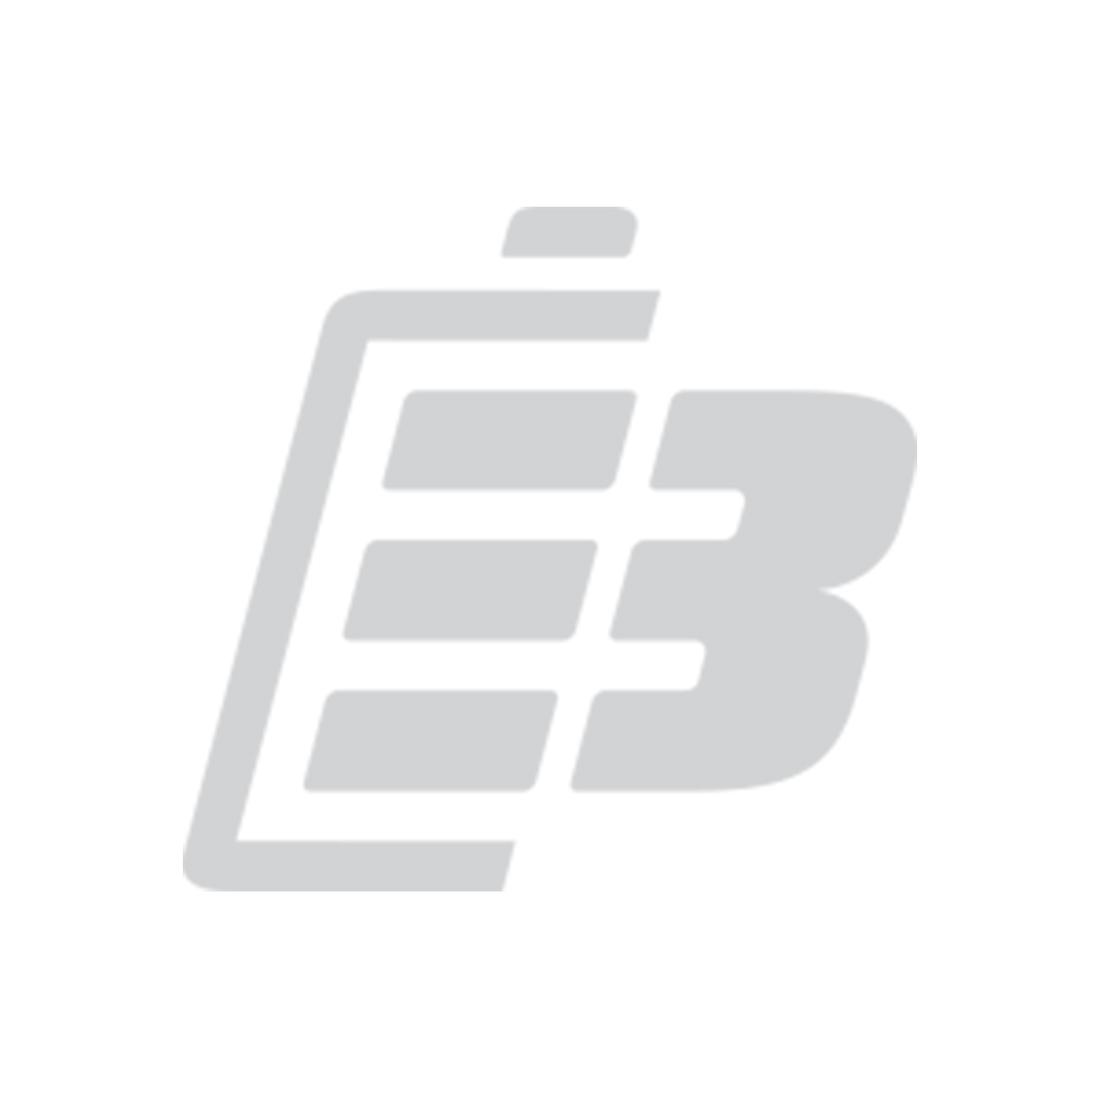 Μπαταρία barcode scanner Denso BHT-6000_1